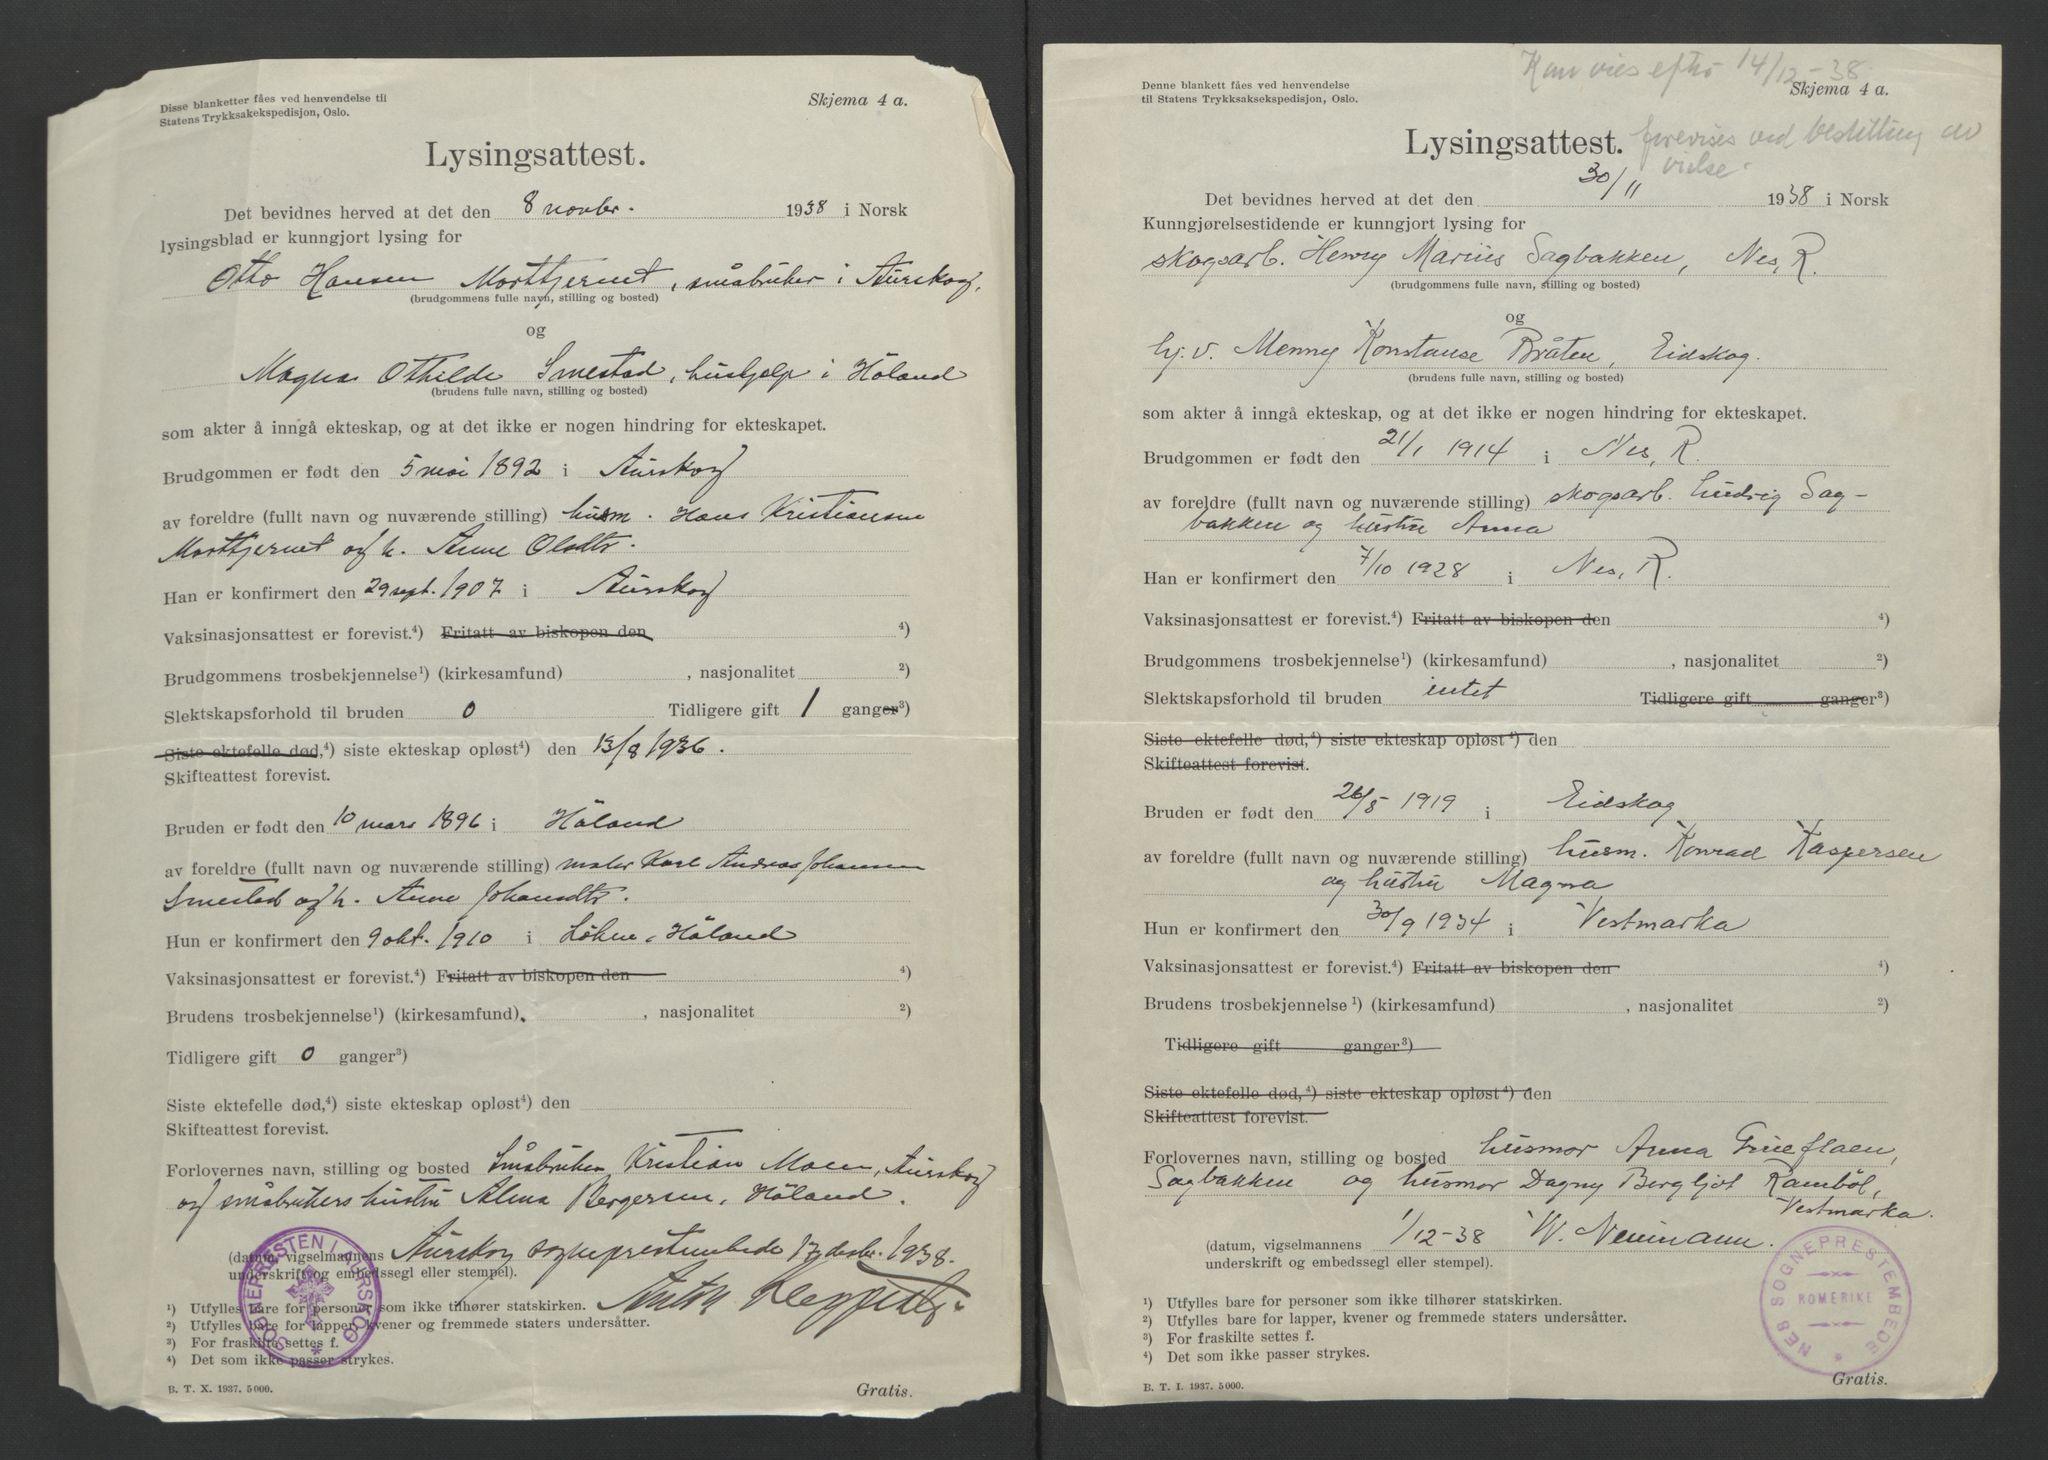 SAO, Nes tingrett, L/Lc/Lca/L0001: Vigselbok, 1920-1943, s. upaginert